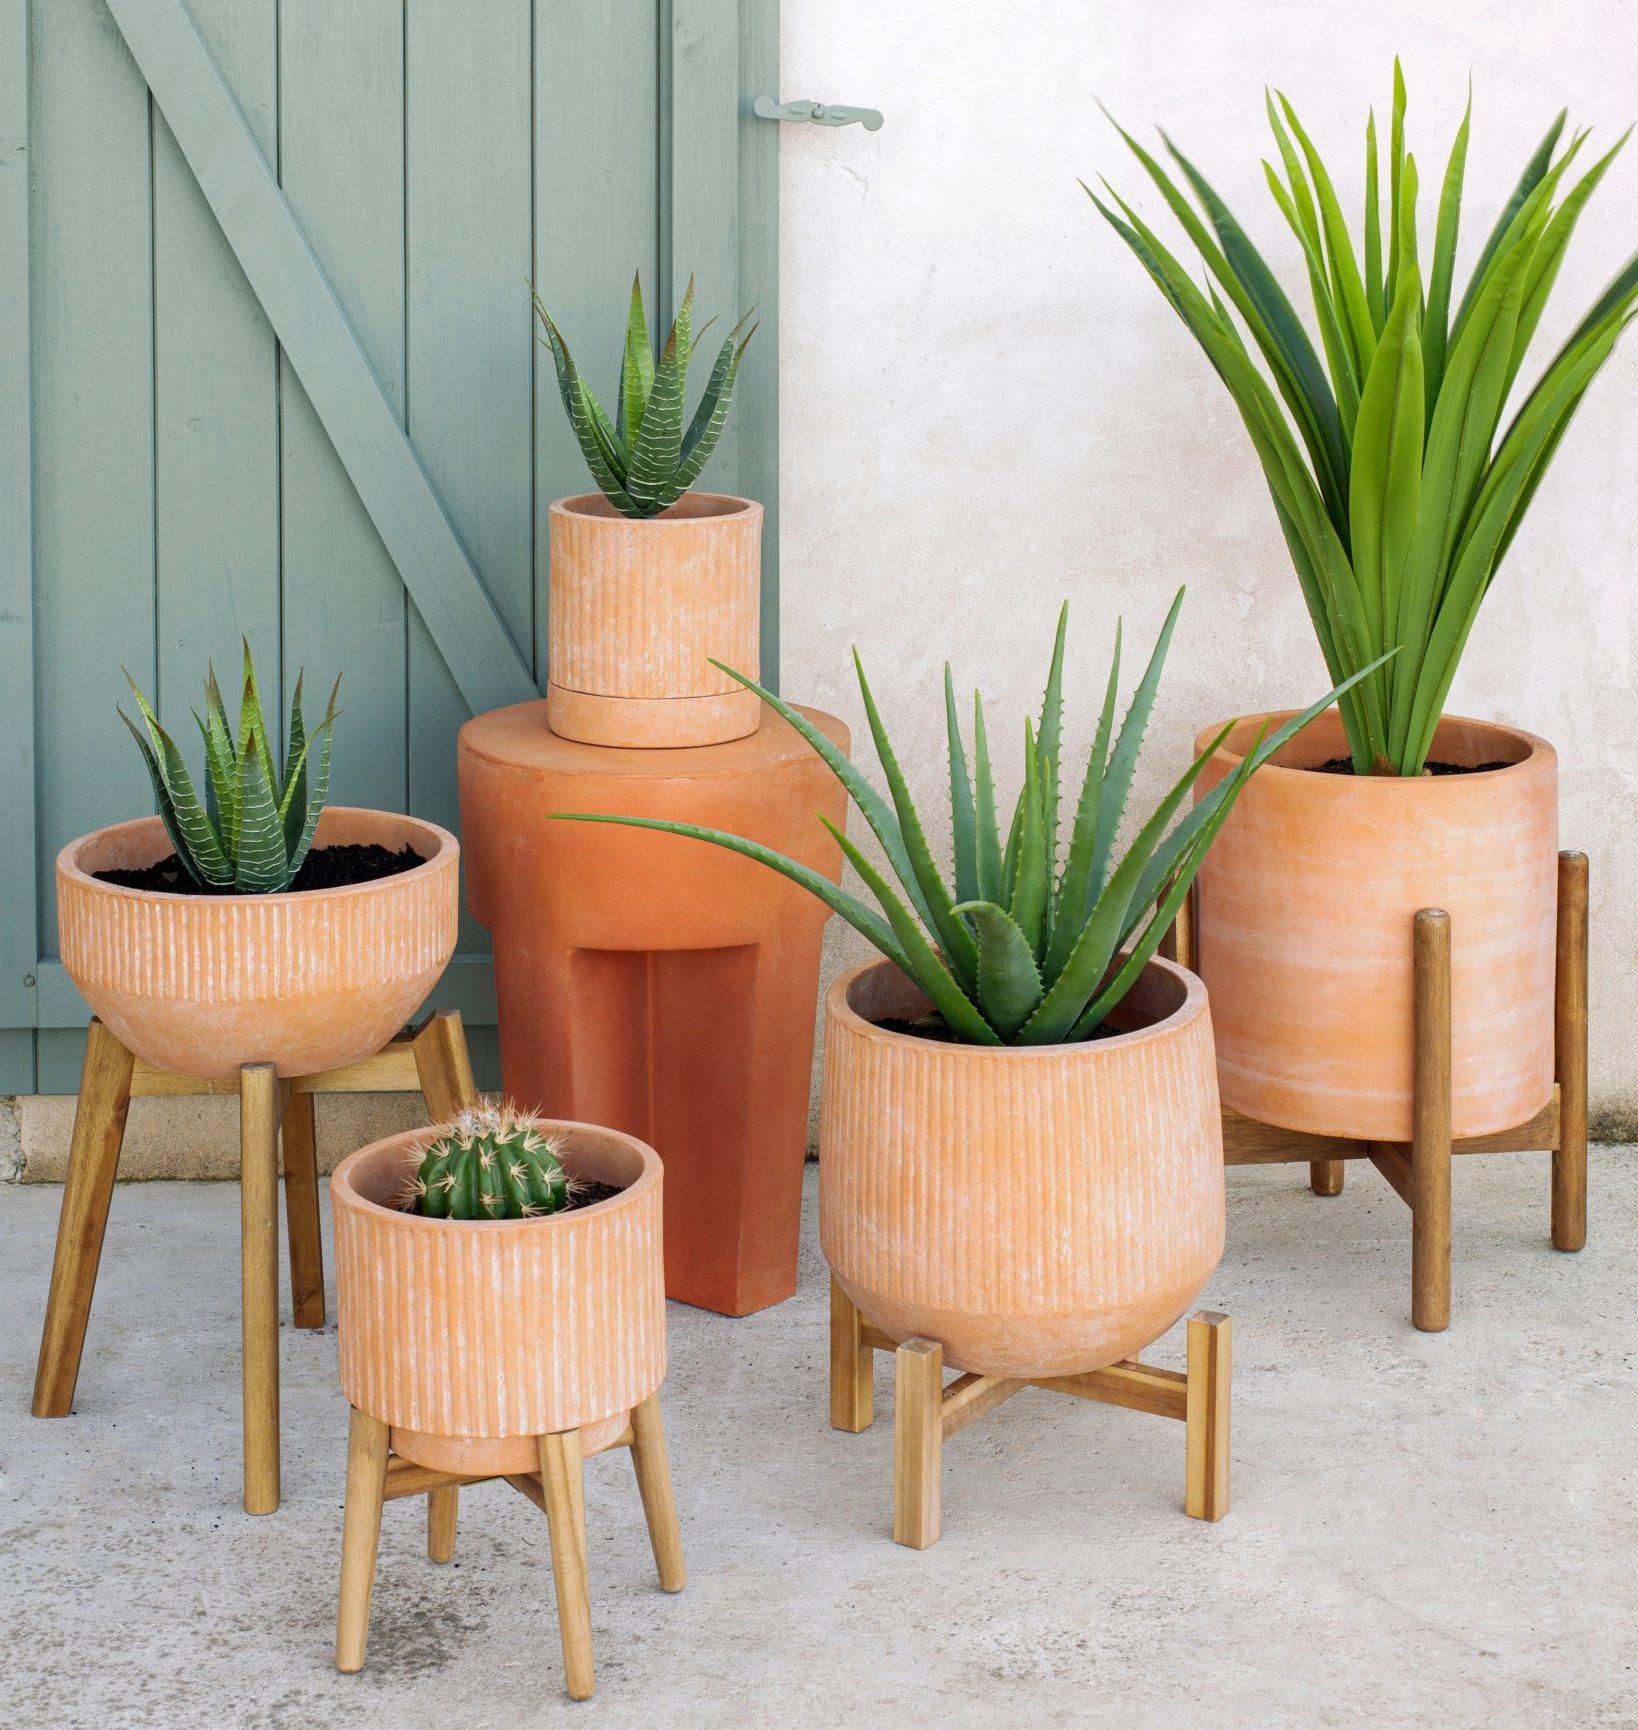 kave home collection all about terracotta terre cuite argile maison décoration jardin extérieur terrasses balcon soleil 1